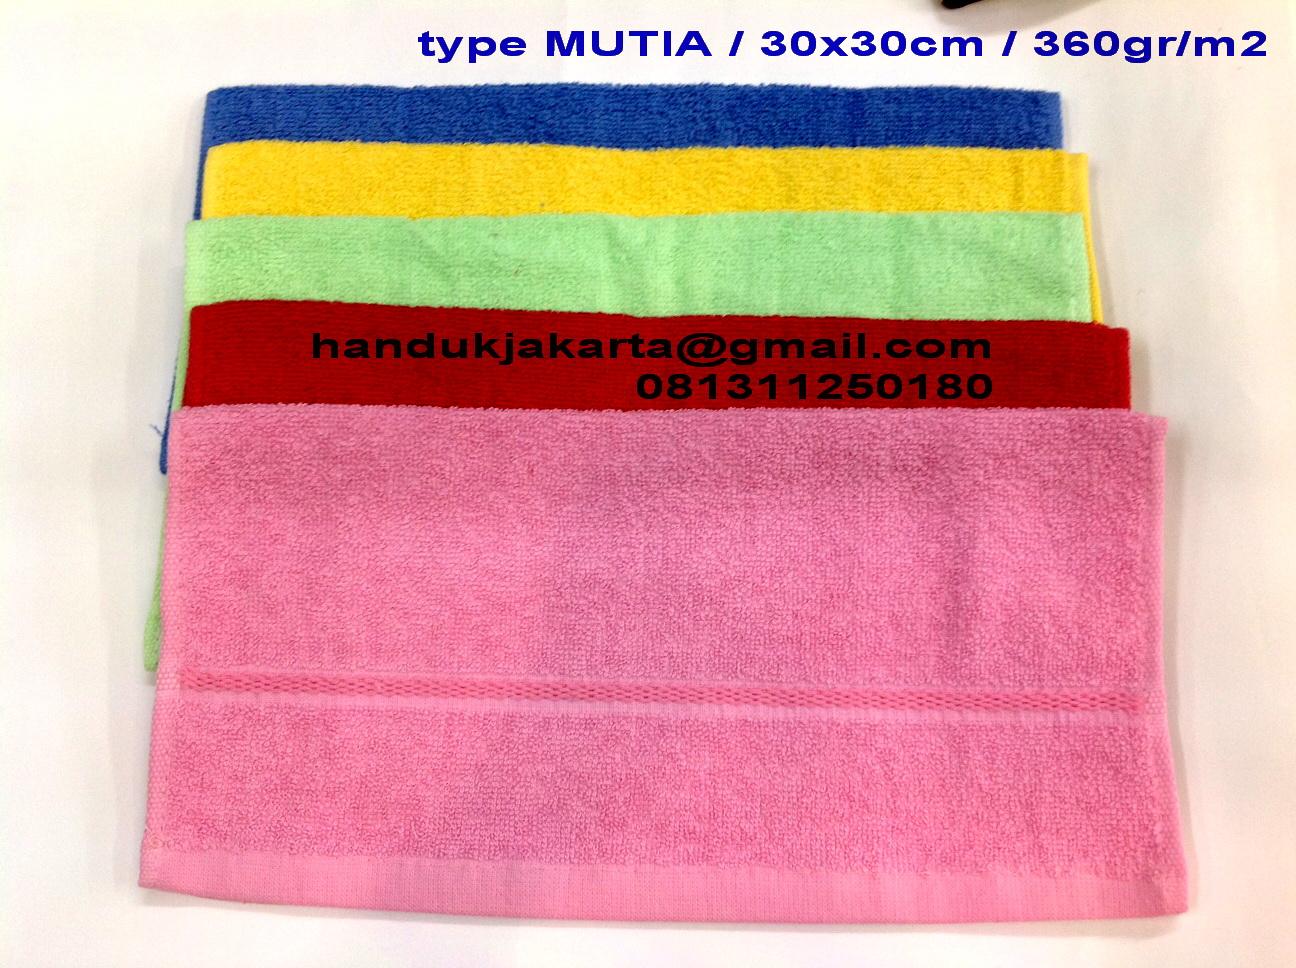 Grosir Handuk Mutia